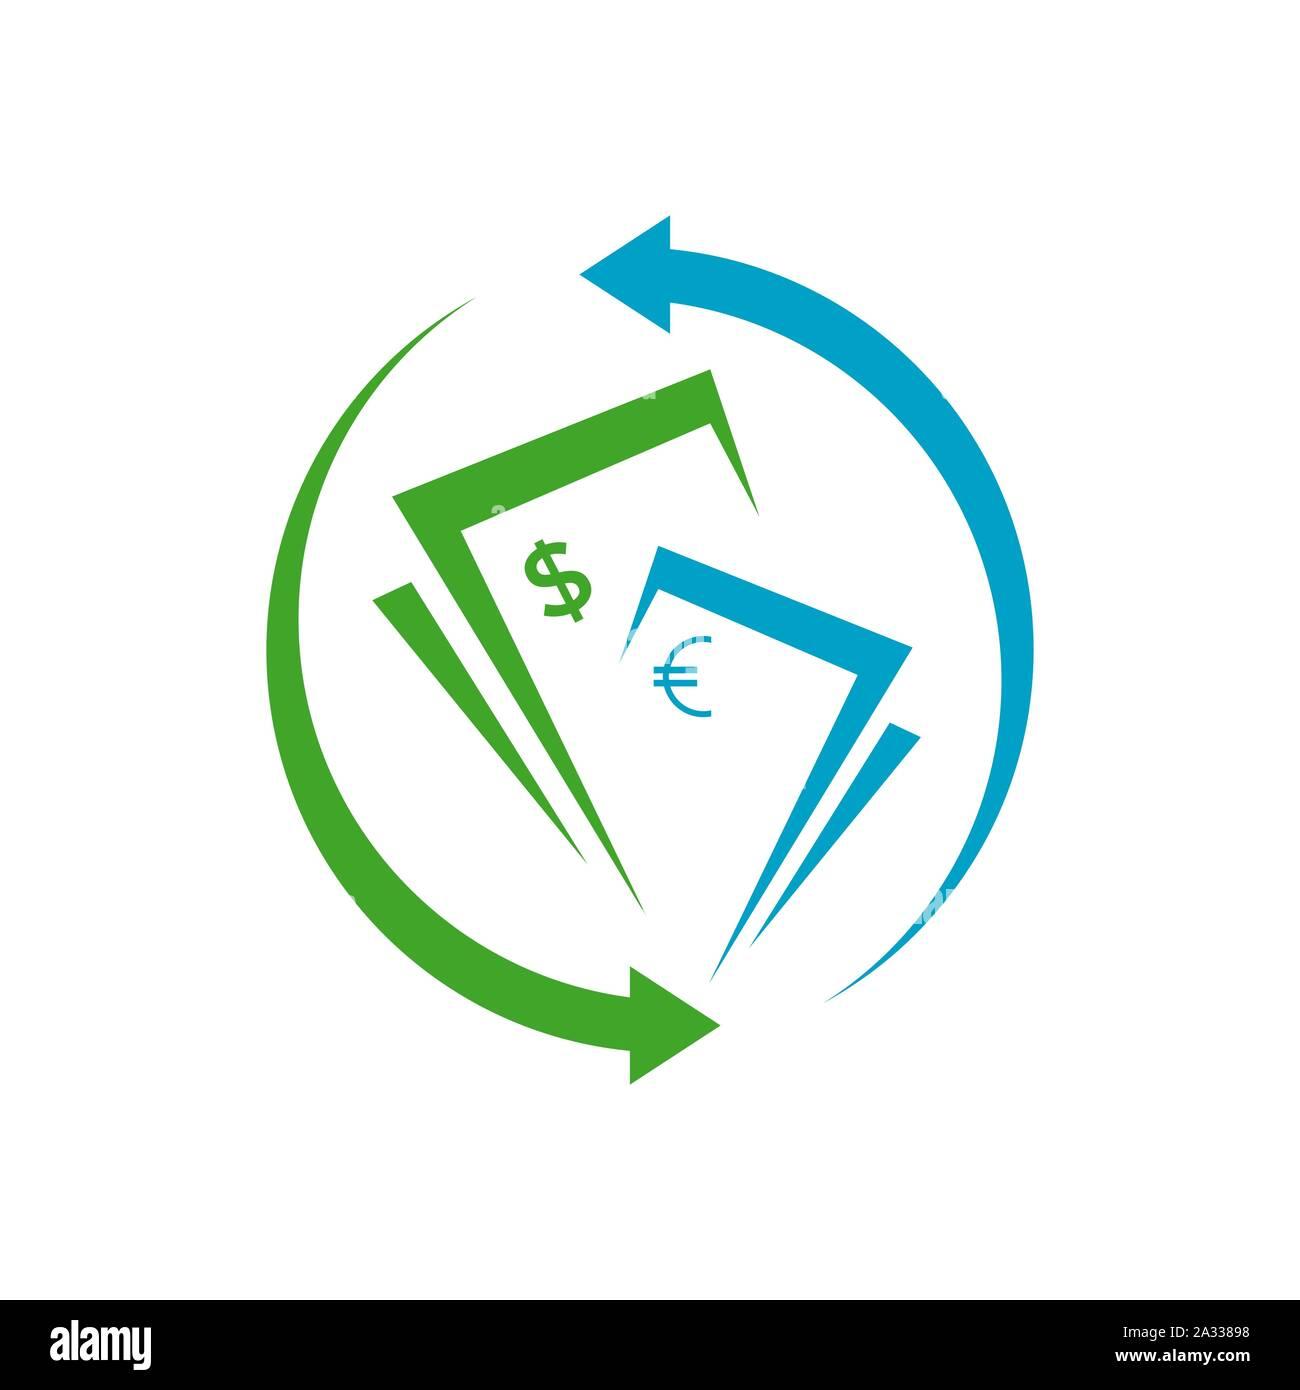 simple money transfer logo vector concept design icon ...